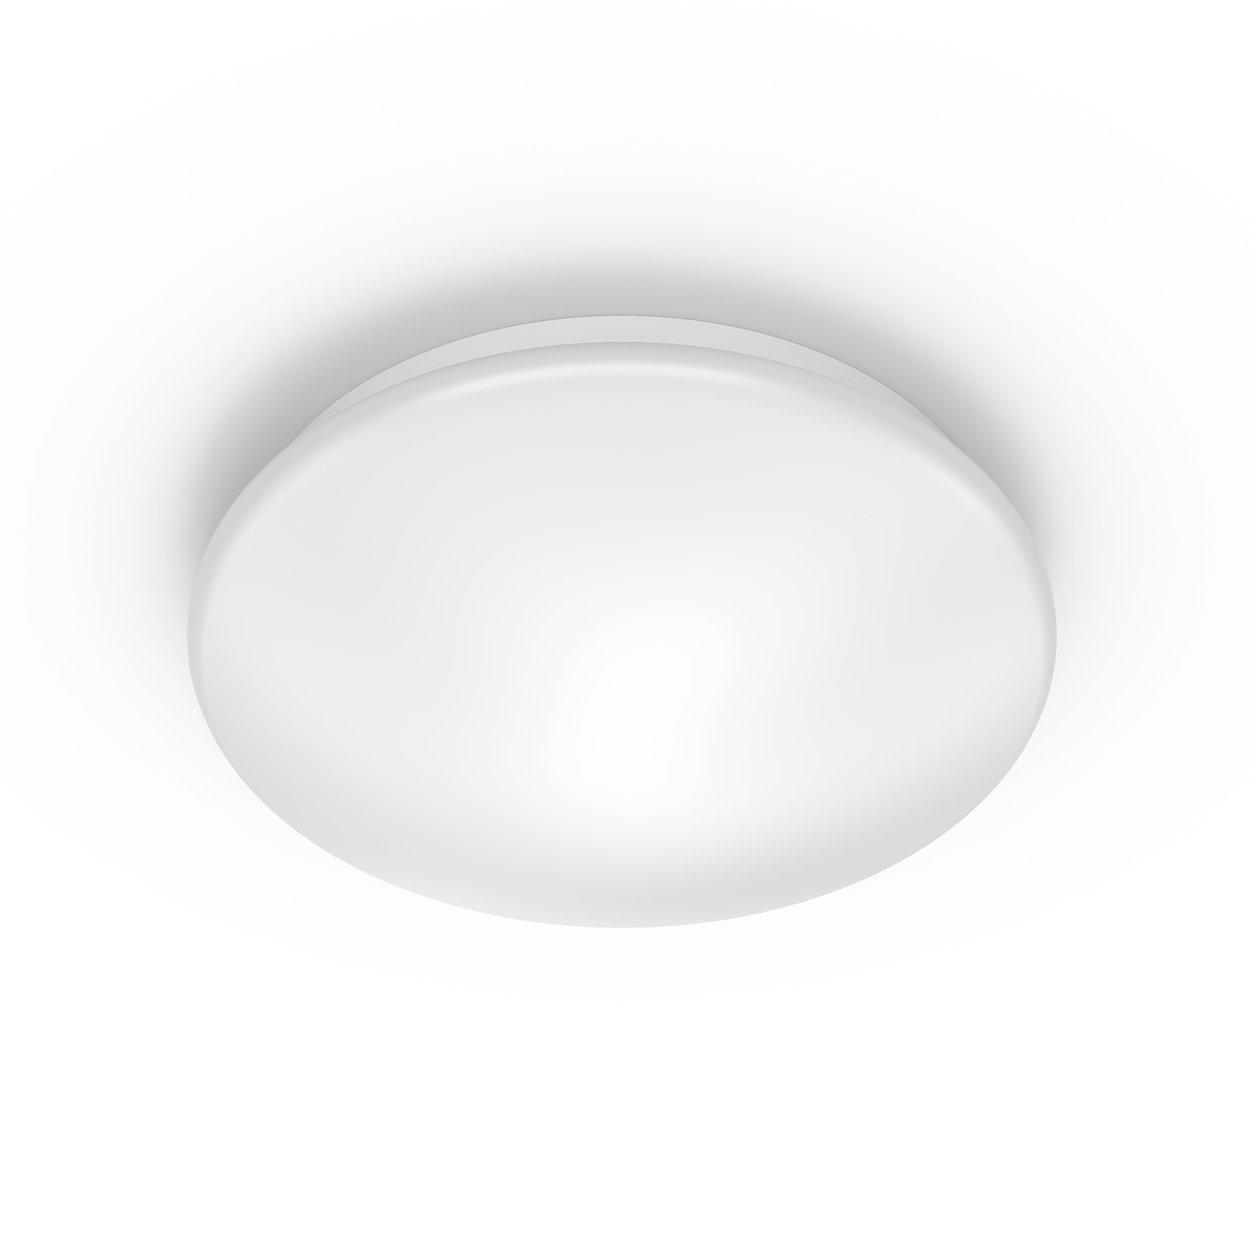 Behageligt LED lys som skåner dine øjne